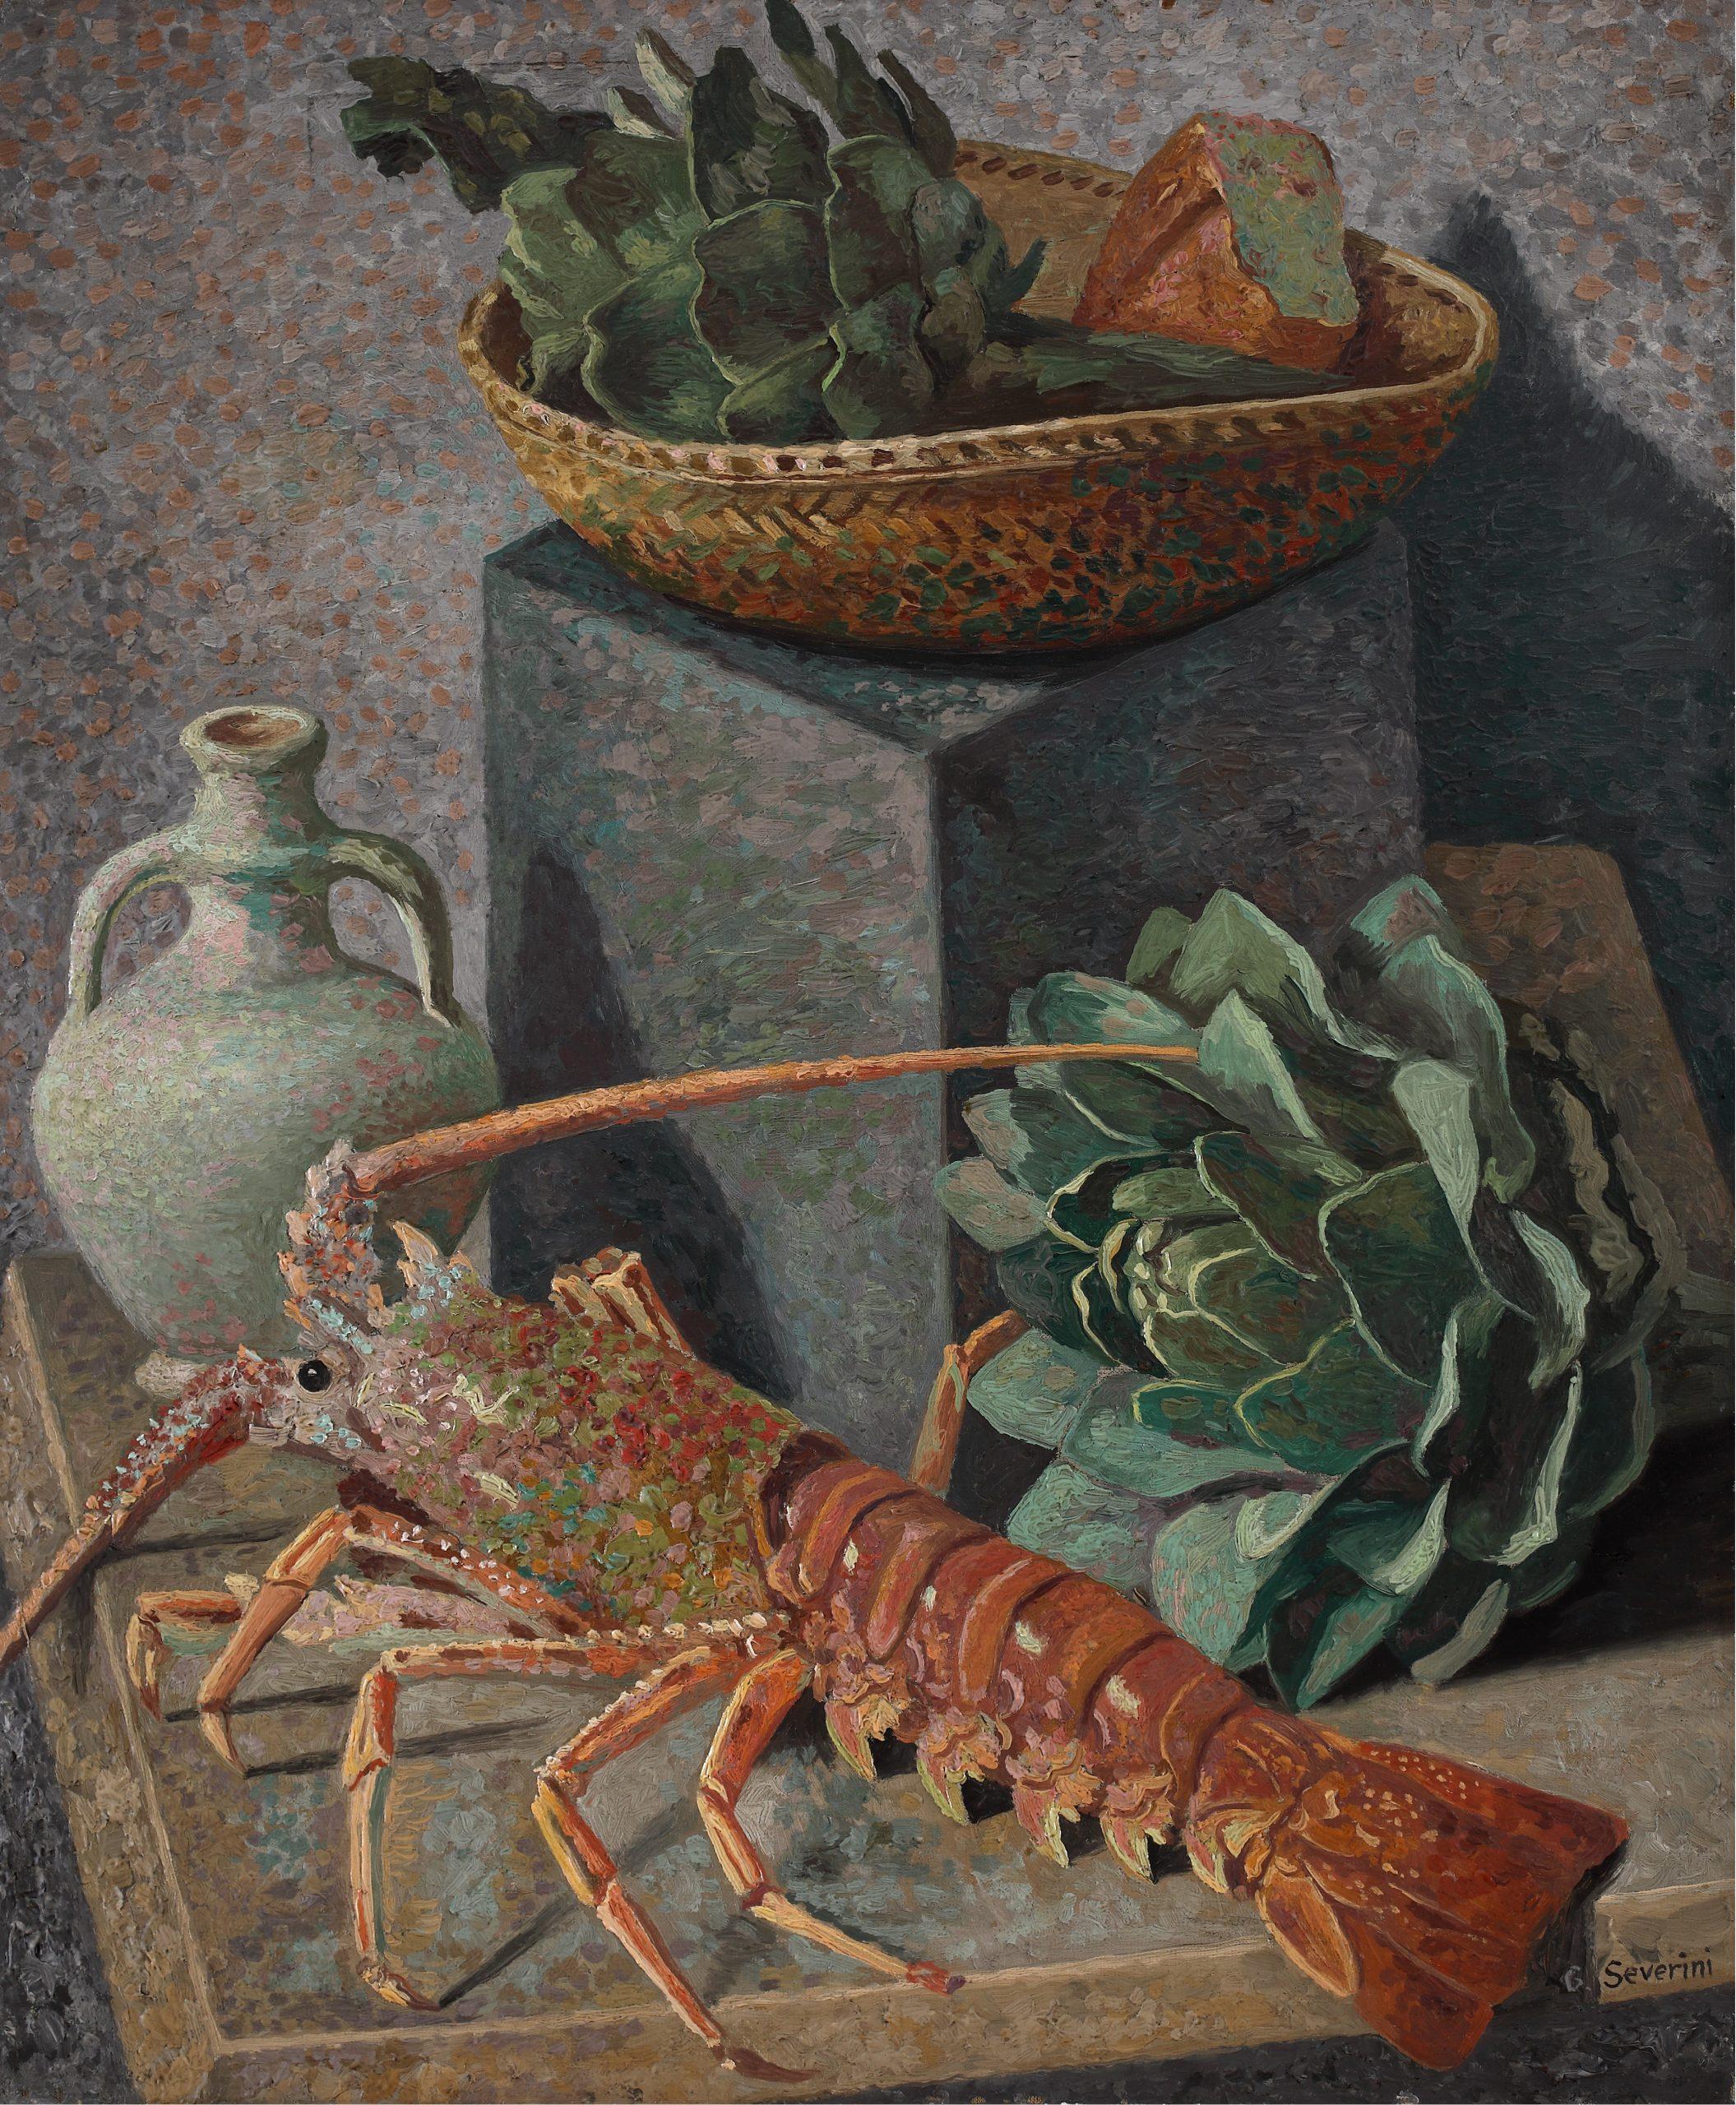 Severini, Natura morta con aragosta, 1932-33 ca., Olio su tela, cm. 61x50